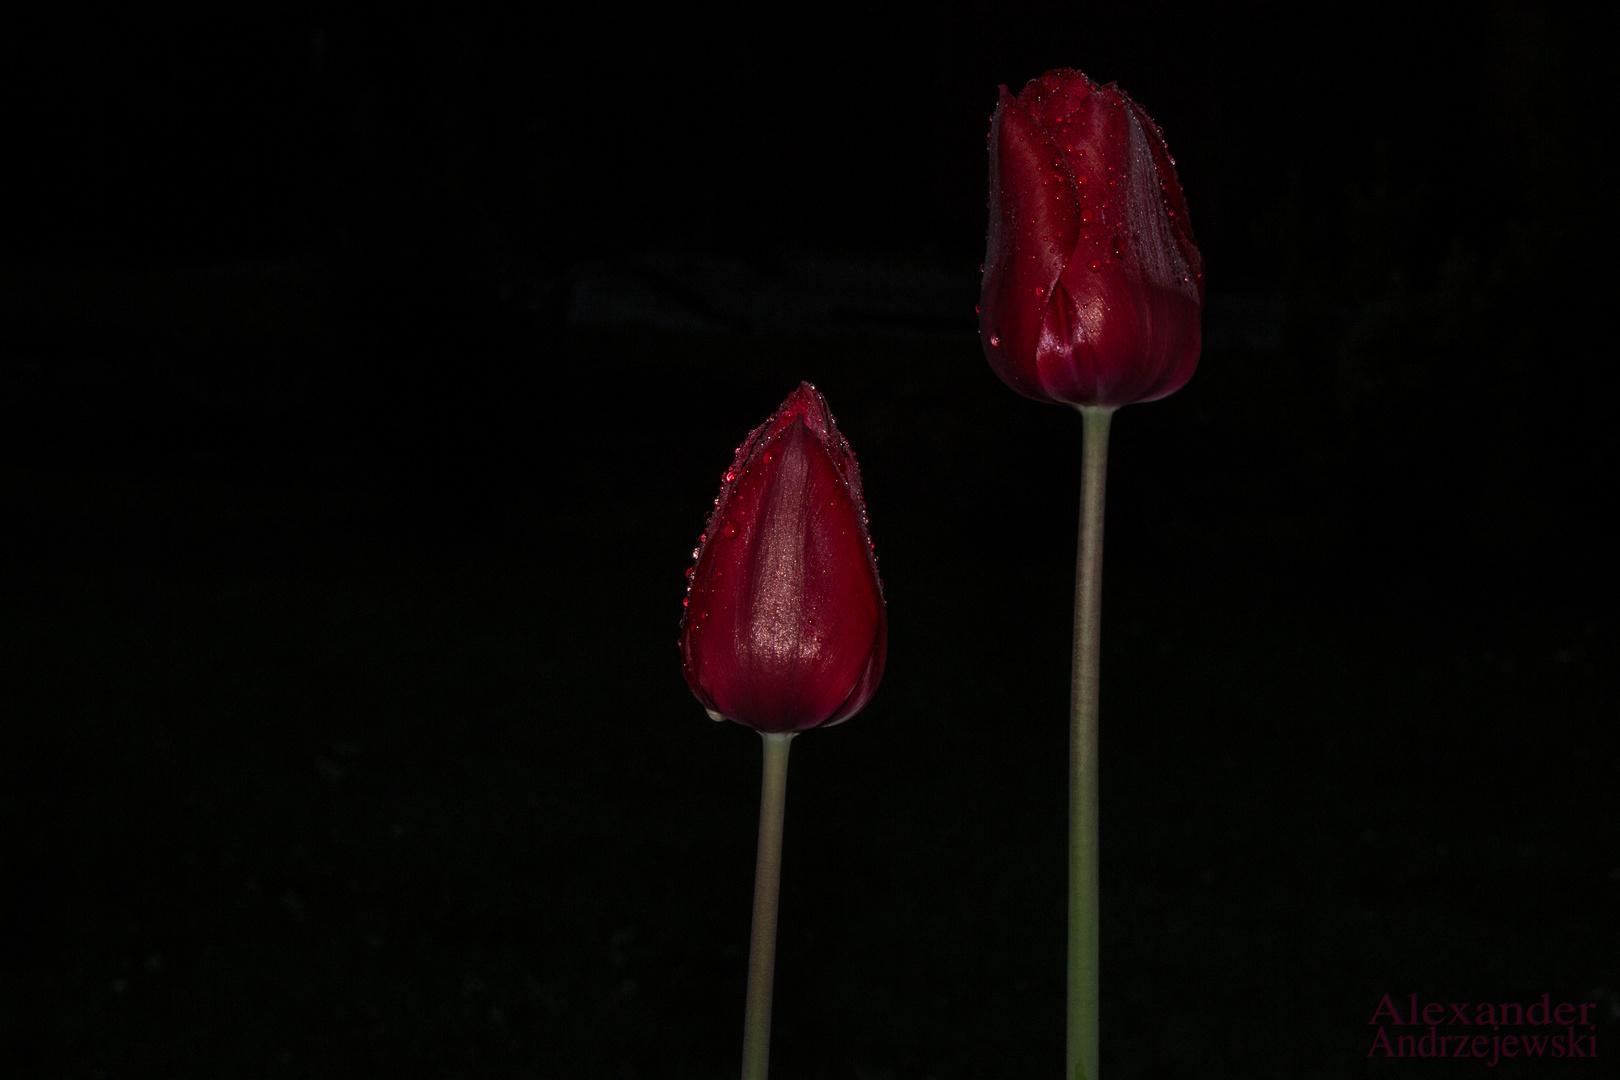 Morgähntau